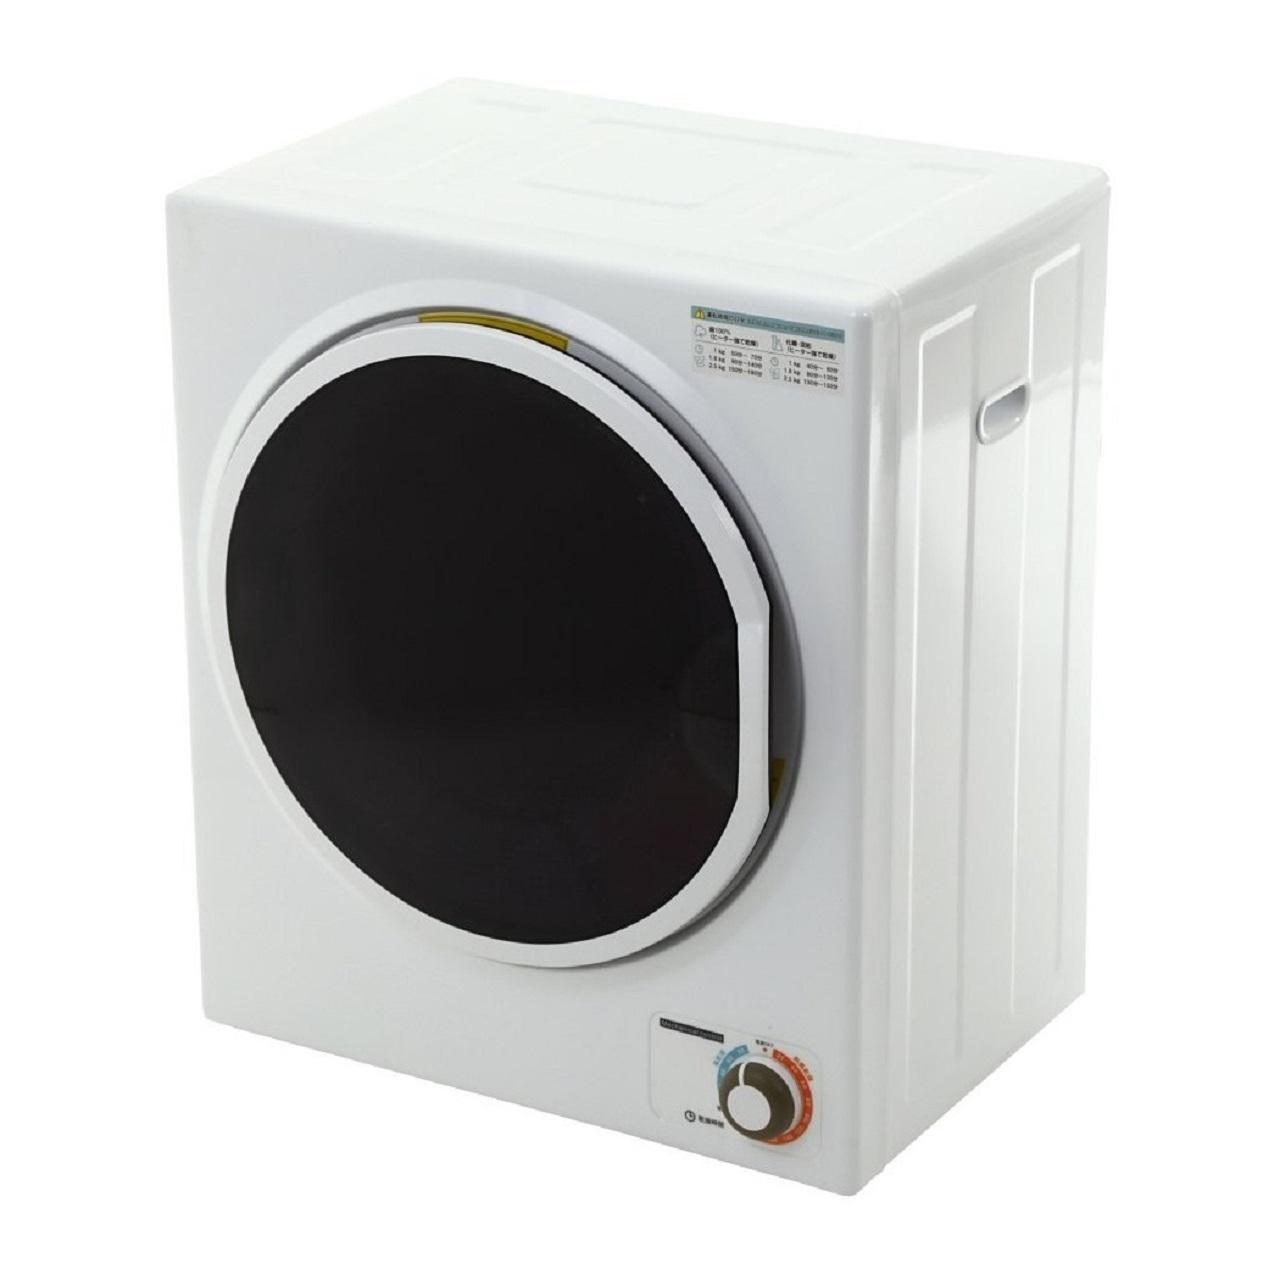 サンルックSR-ASD025W衣類乾燥機